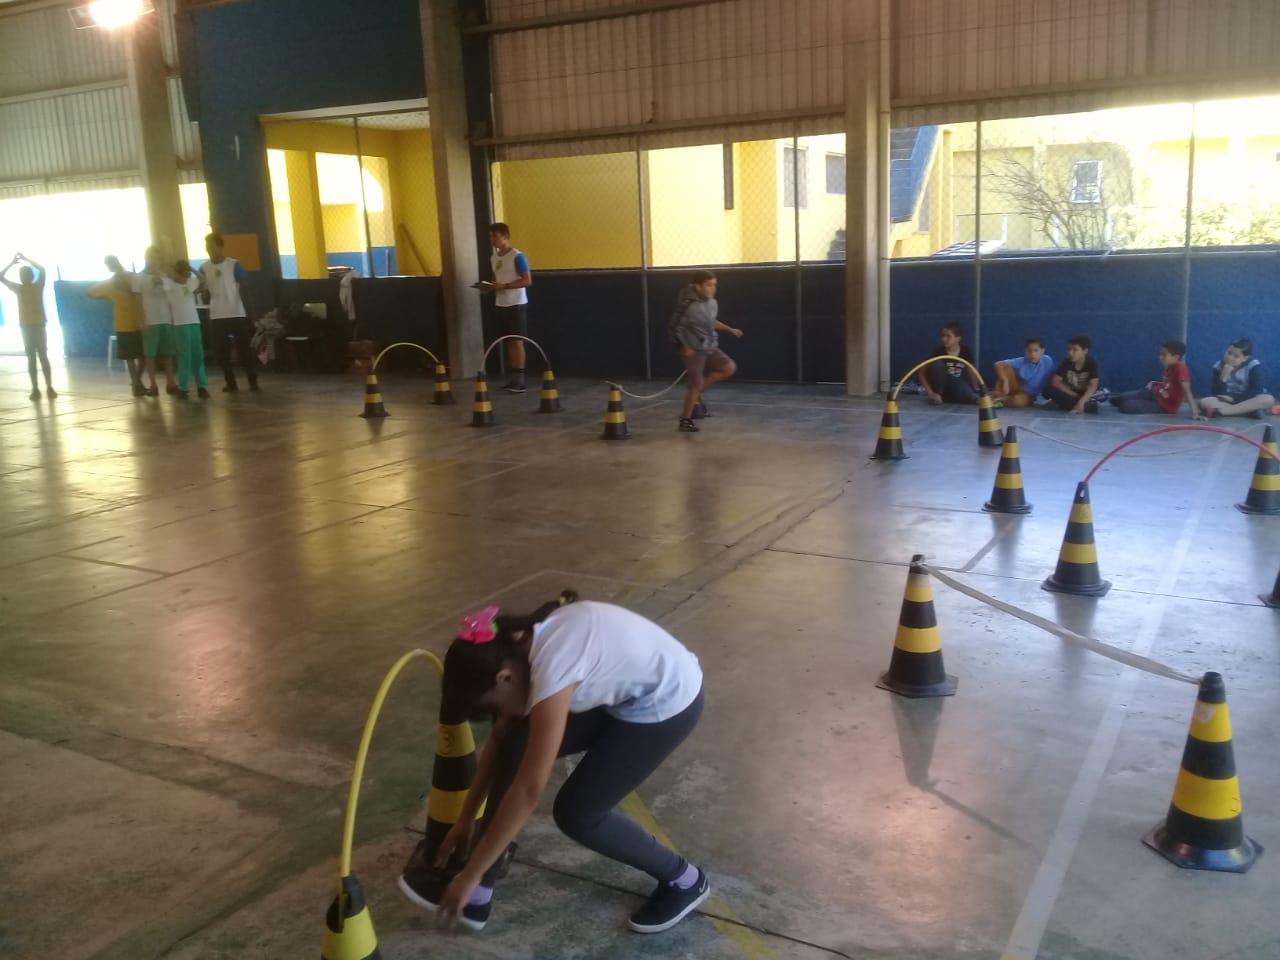 IEE promove evento sobre esporte paralímpico na sexta-feira (21), em São Paulo